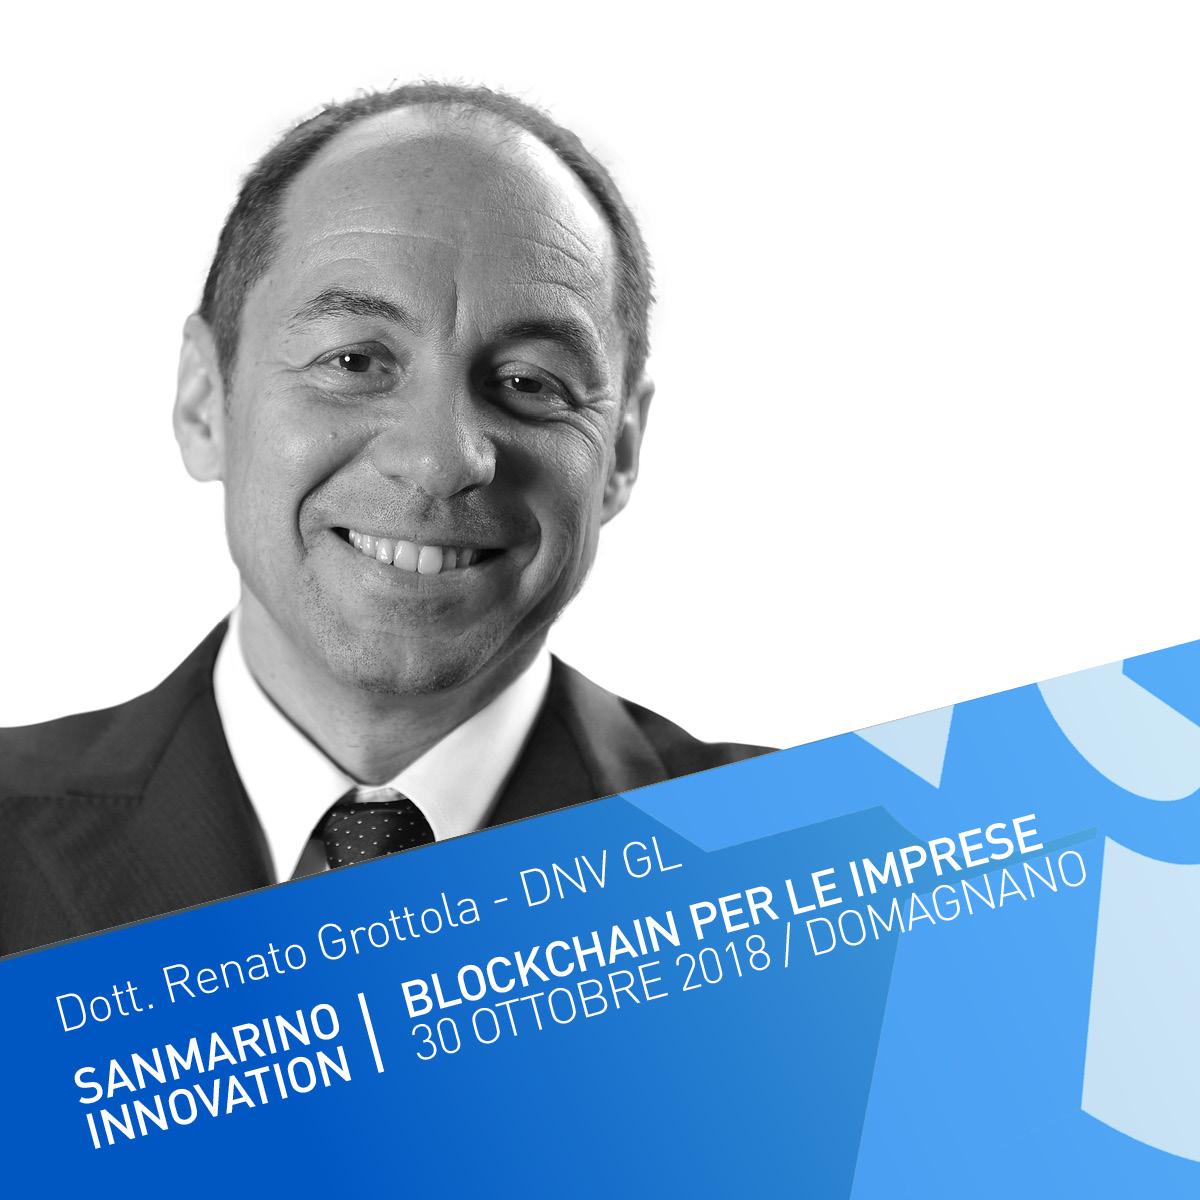 Blockchain e Supply Chain:Verso un nuovo paradigma - Il Dott. Renato Grottola guida la definizione e lo sviluppo delle soluzioni di Digital Assurance basate sulla tecnologia Blockchain per la DNV GL, dove ricopre diversi incarichi di vertice a livello di gruppo.